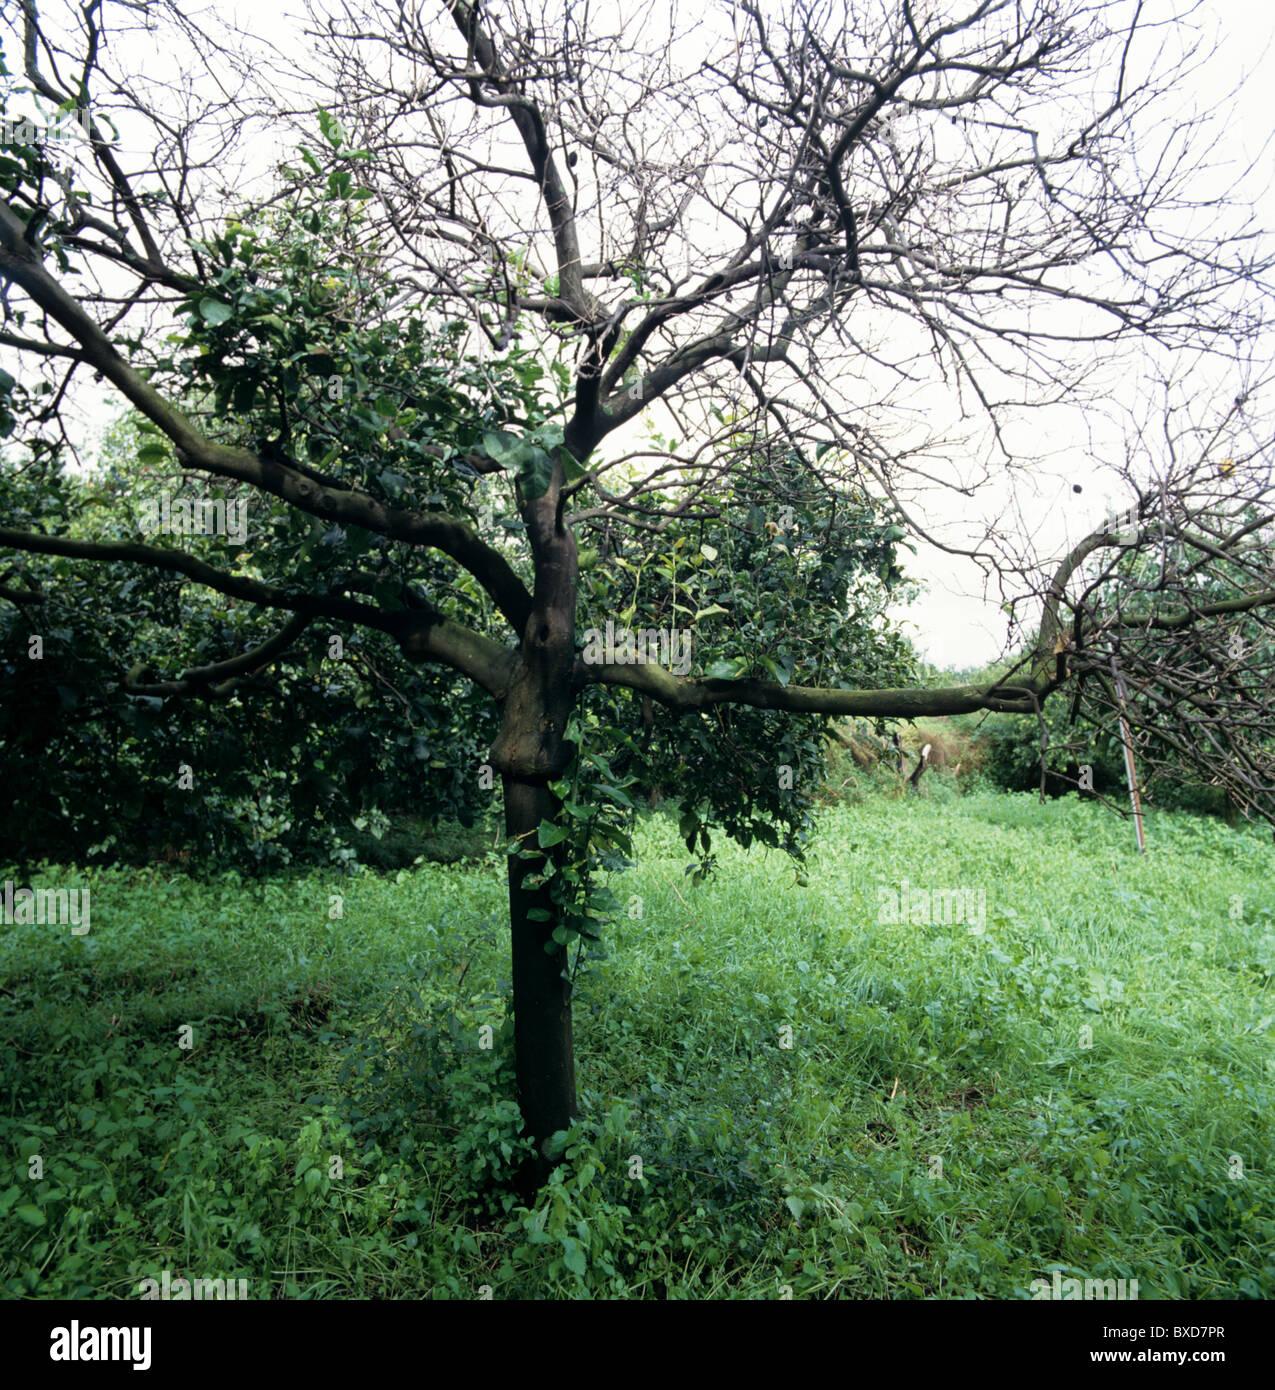 Mal secco (Phoma tracheiphila) malato, morti e morenti lemon tree Immagini Stock